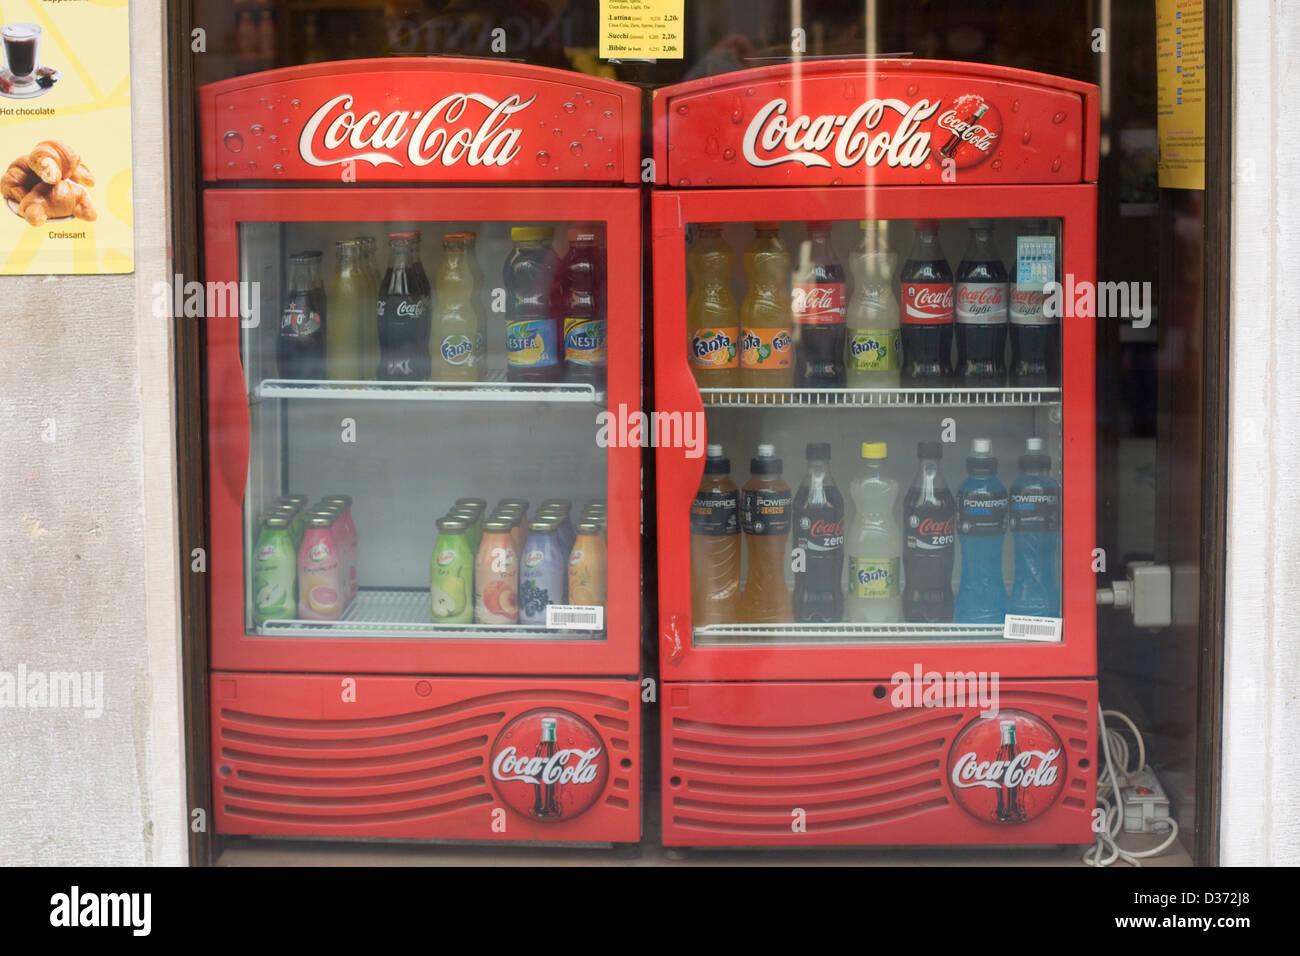 Kühlschrank Coco Cola : Coco cola kühlschrank mit flasche alkoholfreie getränke zum